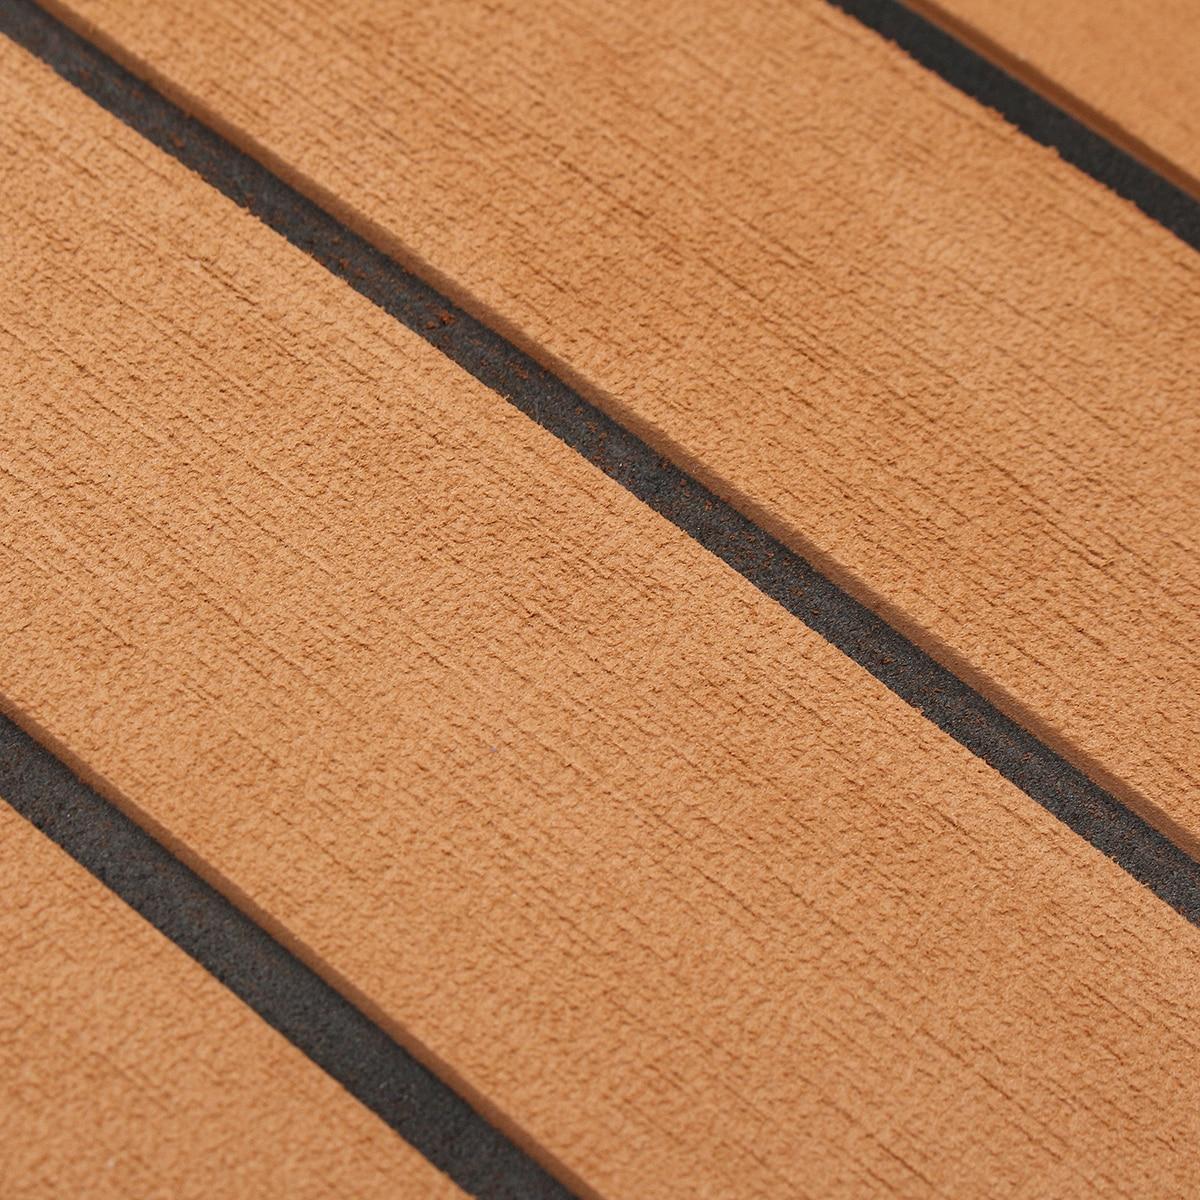 1200mm x 2400mm x 5mm auto-adhésif EVA mousse Faux teck feuille bateau Yacht synthétique teck platelage tapis de sol brun - 6